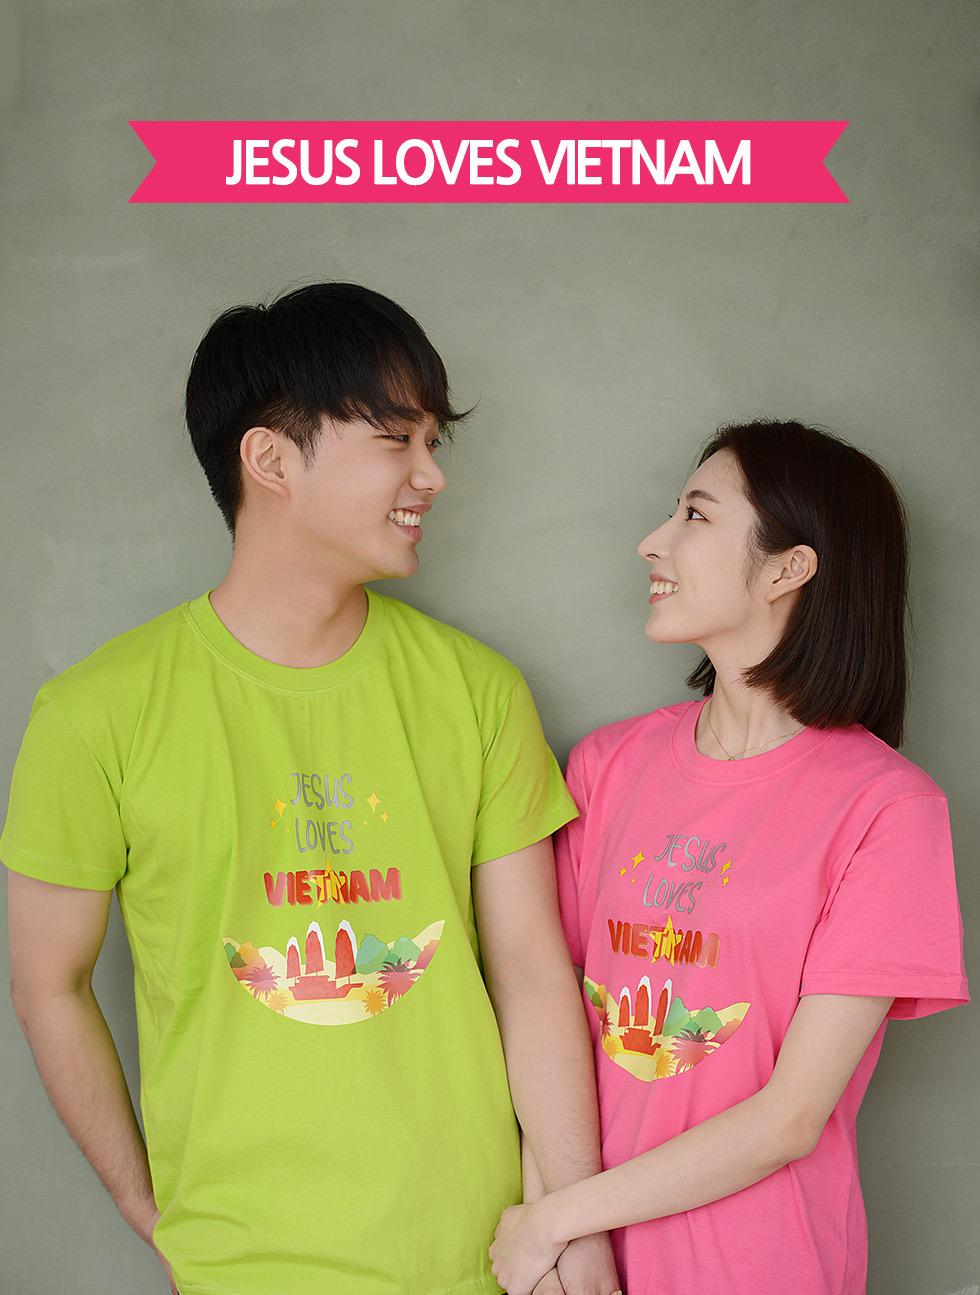 교회 단체티셔츠 베트남 선교티 (Jesus loves Vietnam) - 미션트립 단체 성인티셔츠(베트남 선교)